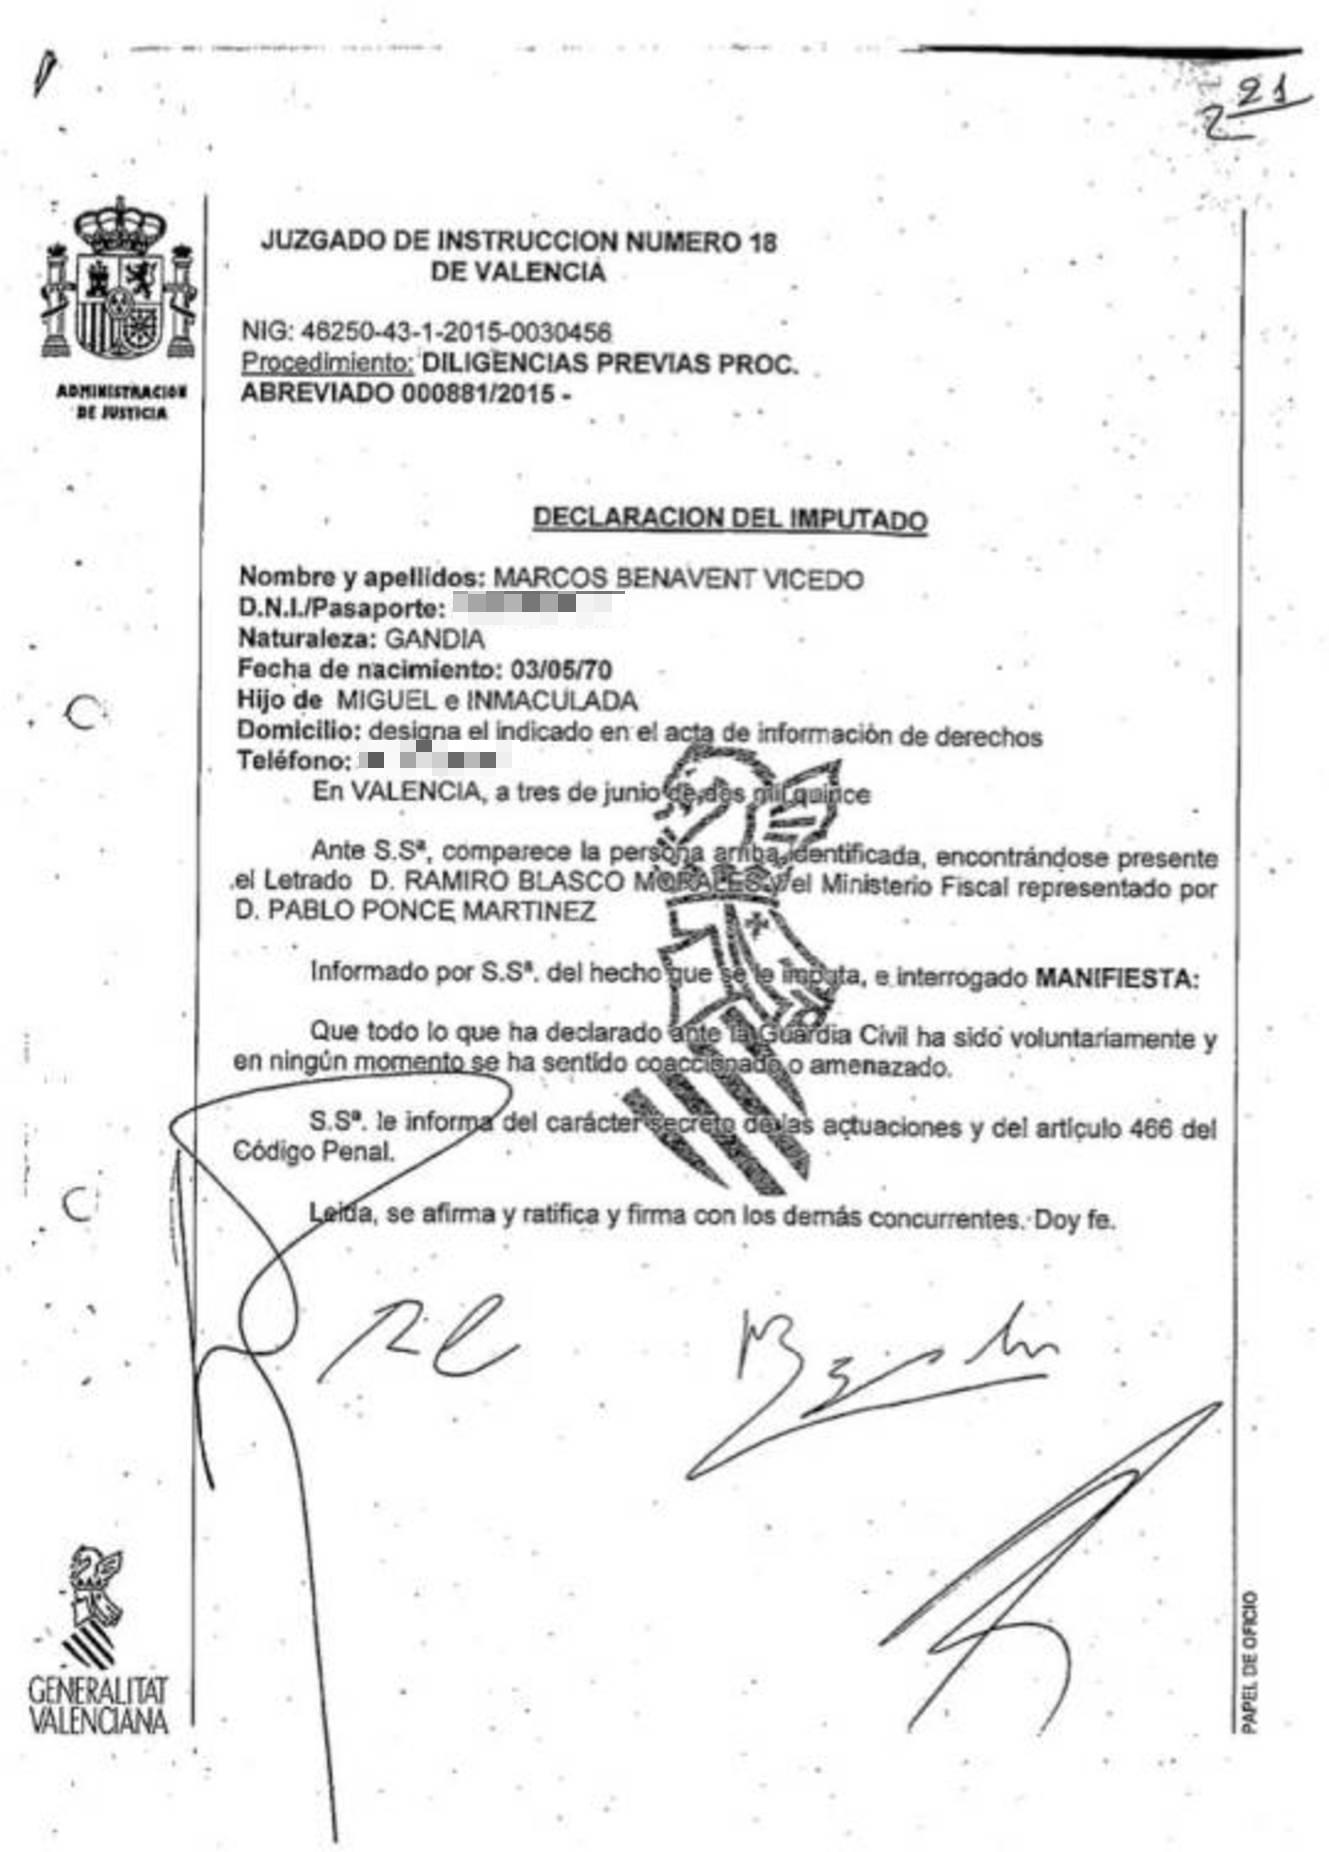 Noticias de Comunidad Valenciana: Así se gestó la traición del yonki ...